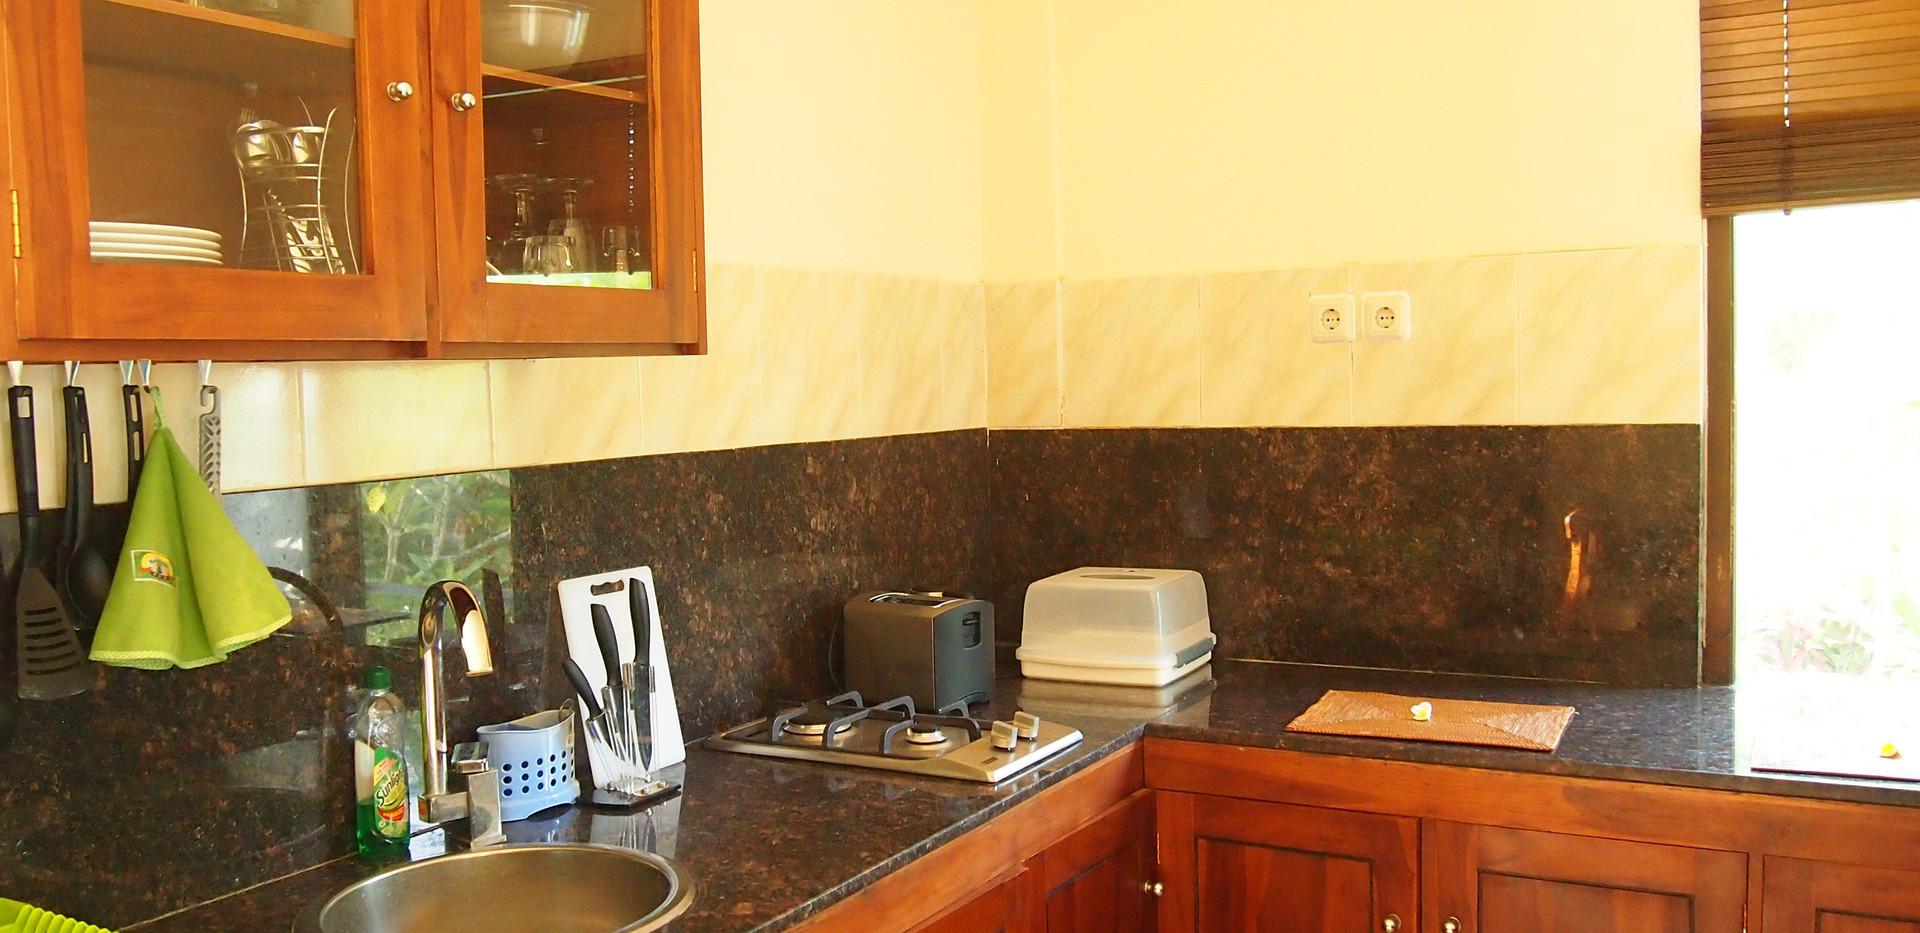 CApung downsstairs kitchen